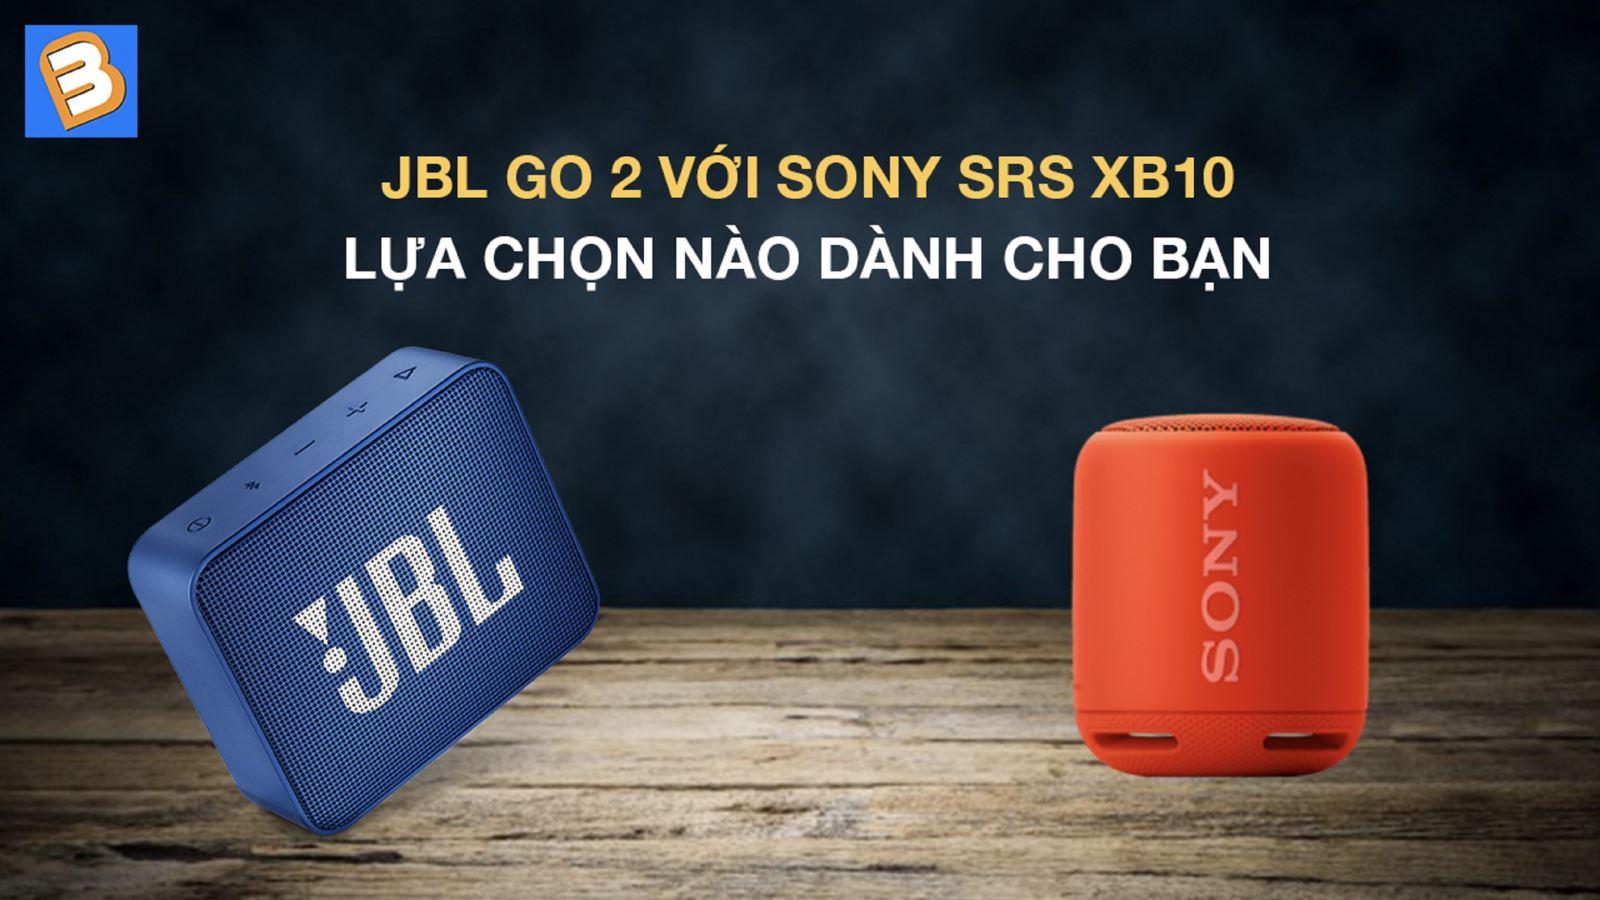 JBL Go 2 vớiSony SRS XB10: Lựa chọn nào dành cho bạn